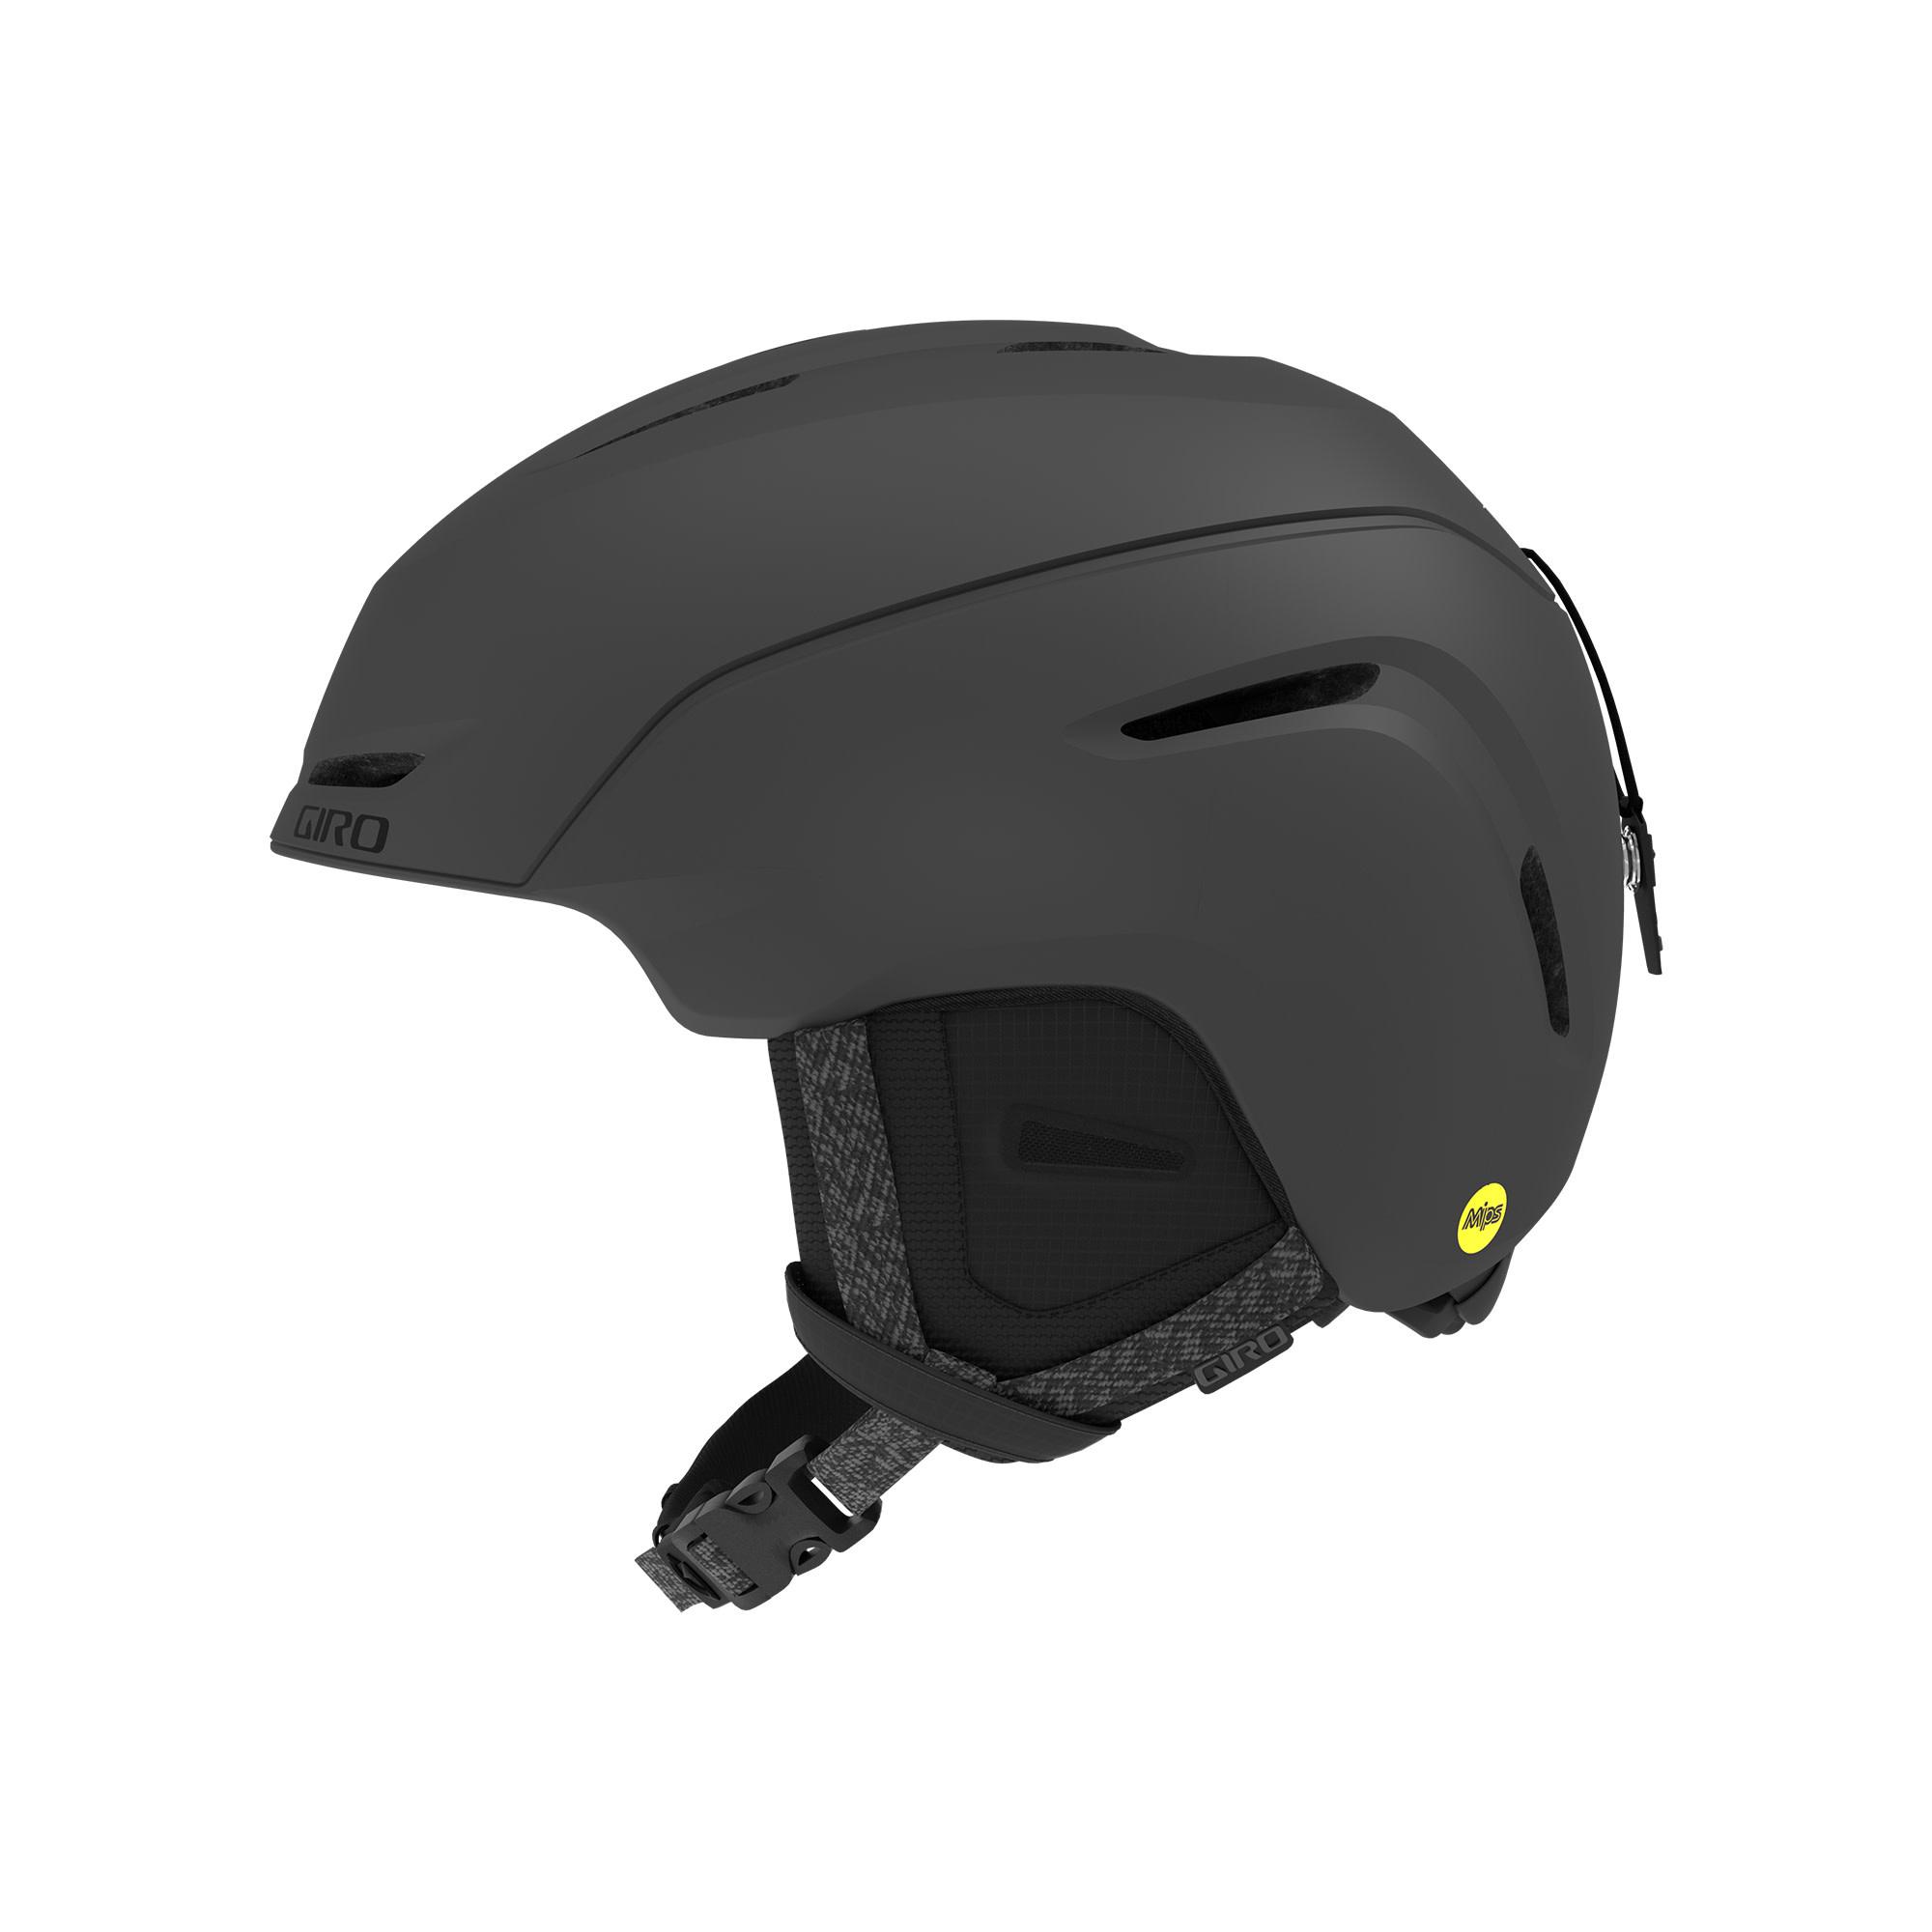 Giro Neo MIPS-8